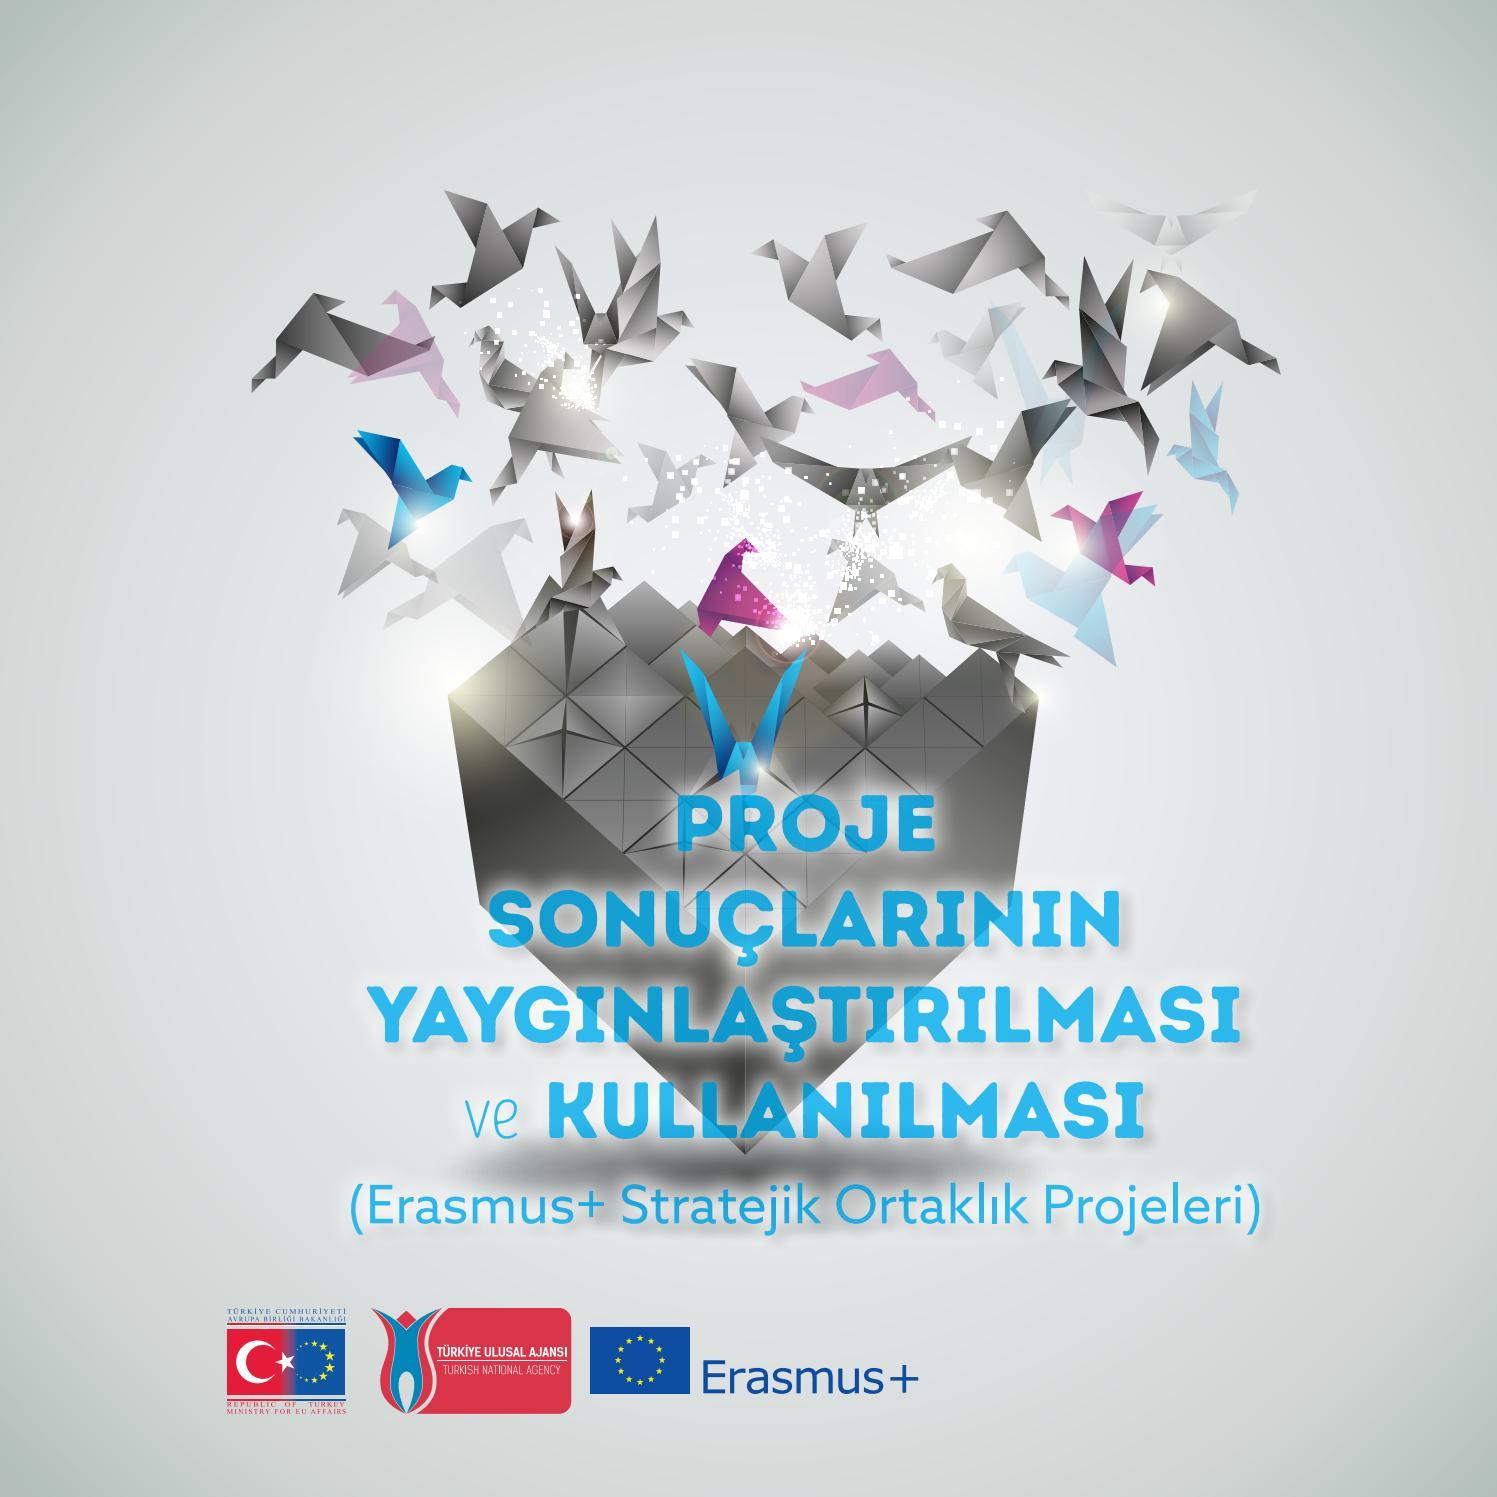 Ilkokulda proje faaliyeti. Eğitim programına projelerin dahil edilmesi